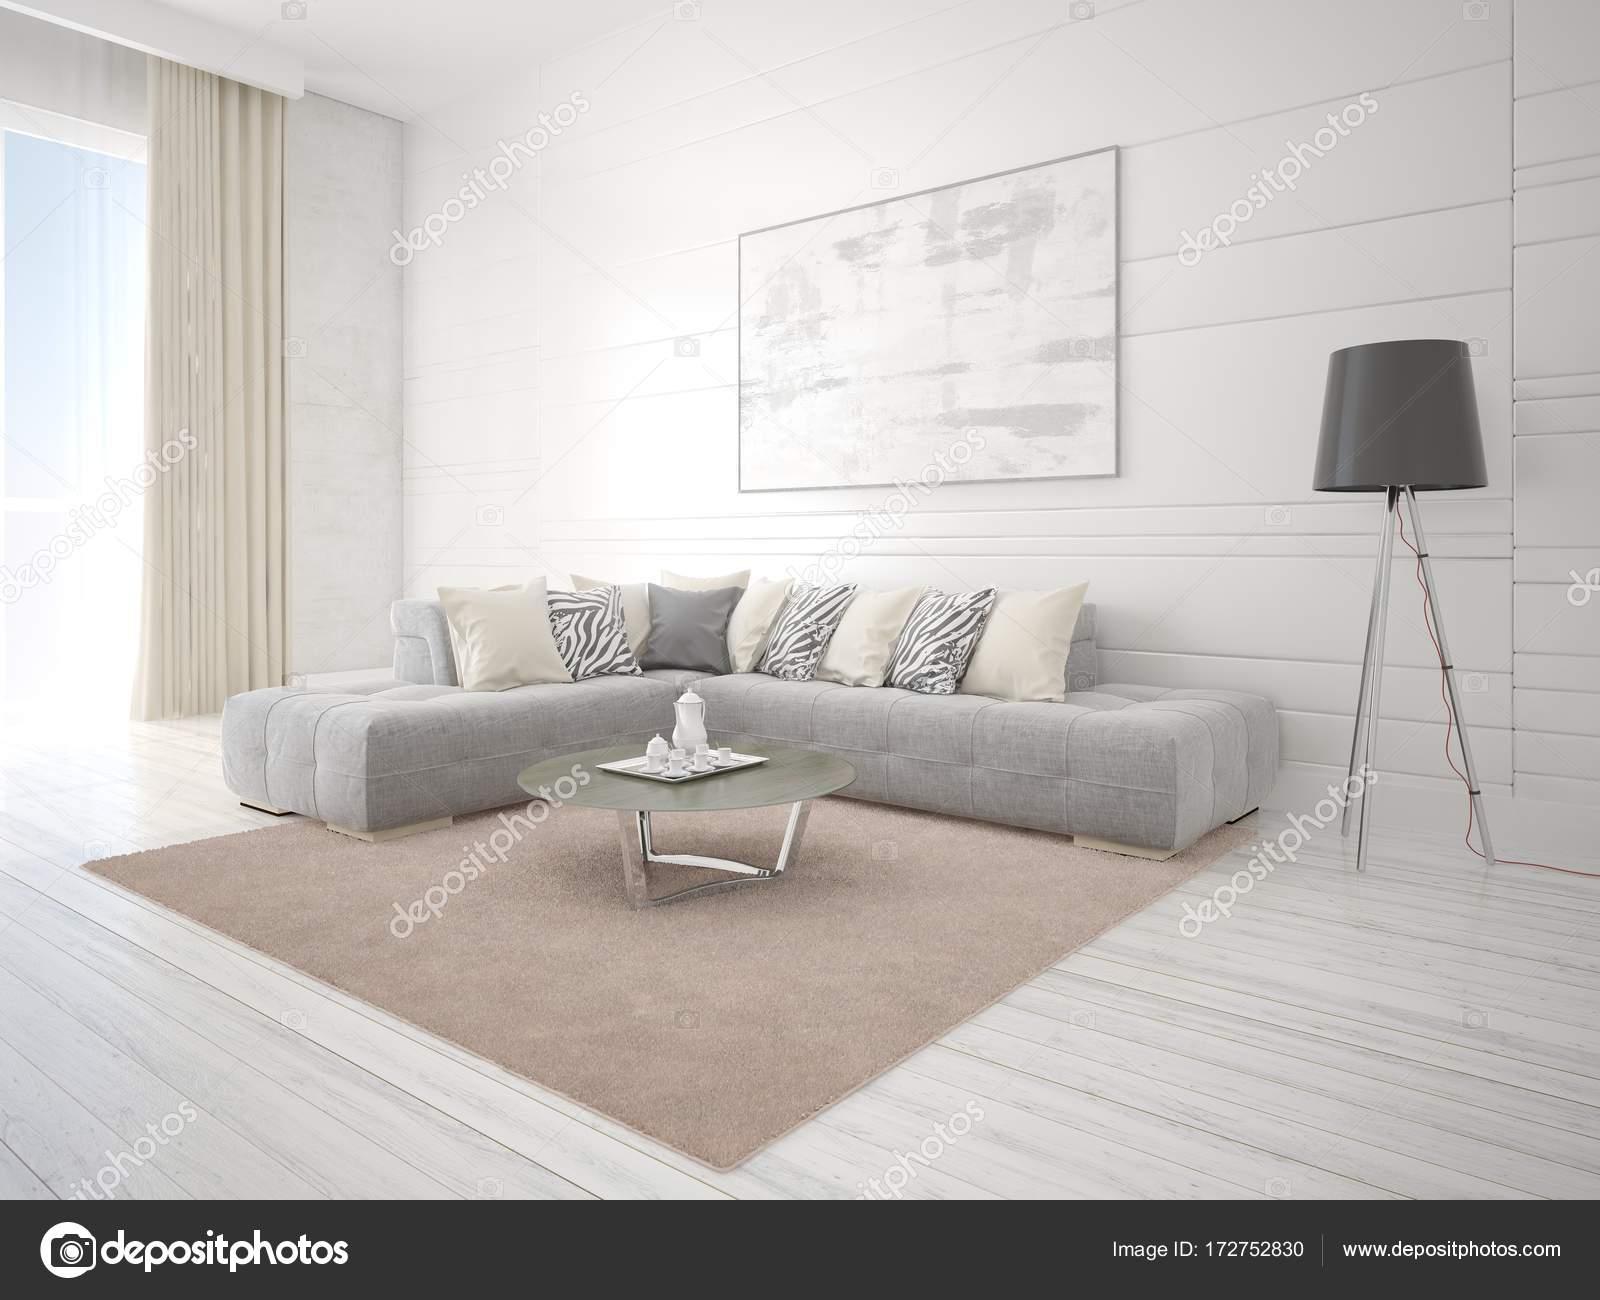 Manichino di un luminoso soggiorno con un divano ad angolo alla moda ...